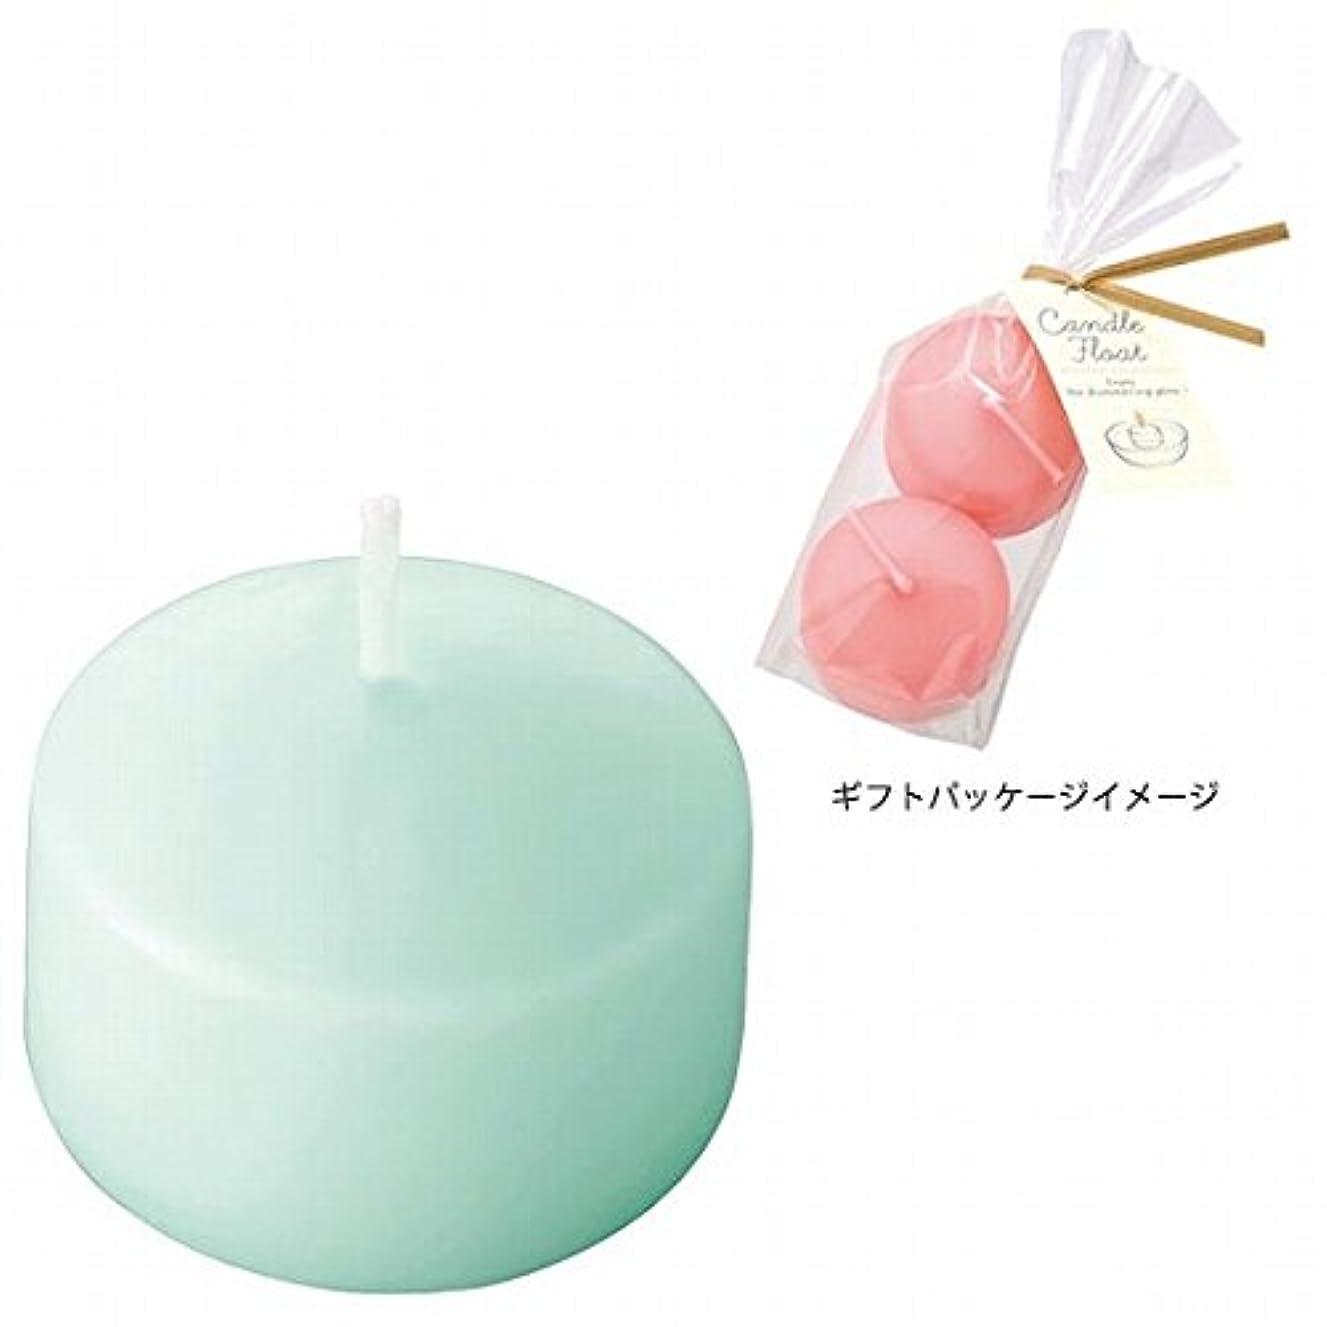 アラスカアラスカビュッフェカメヤマキャンドル( kameyama candle ) ハッピープール(2個入り) キャンドル 「ライトブルー」